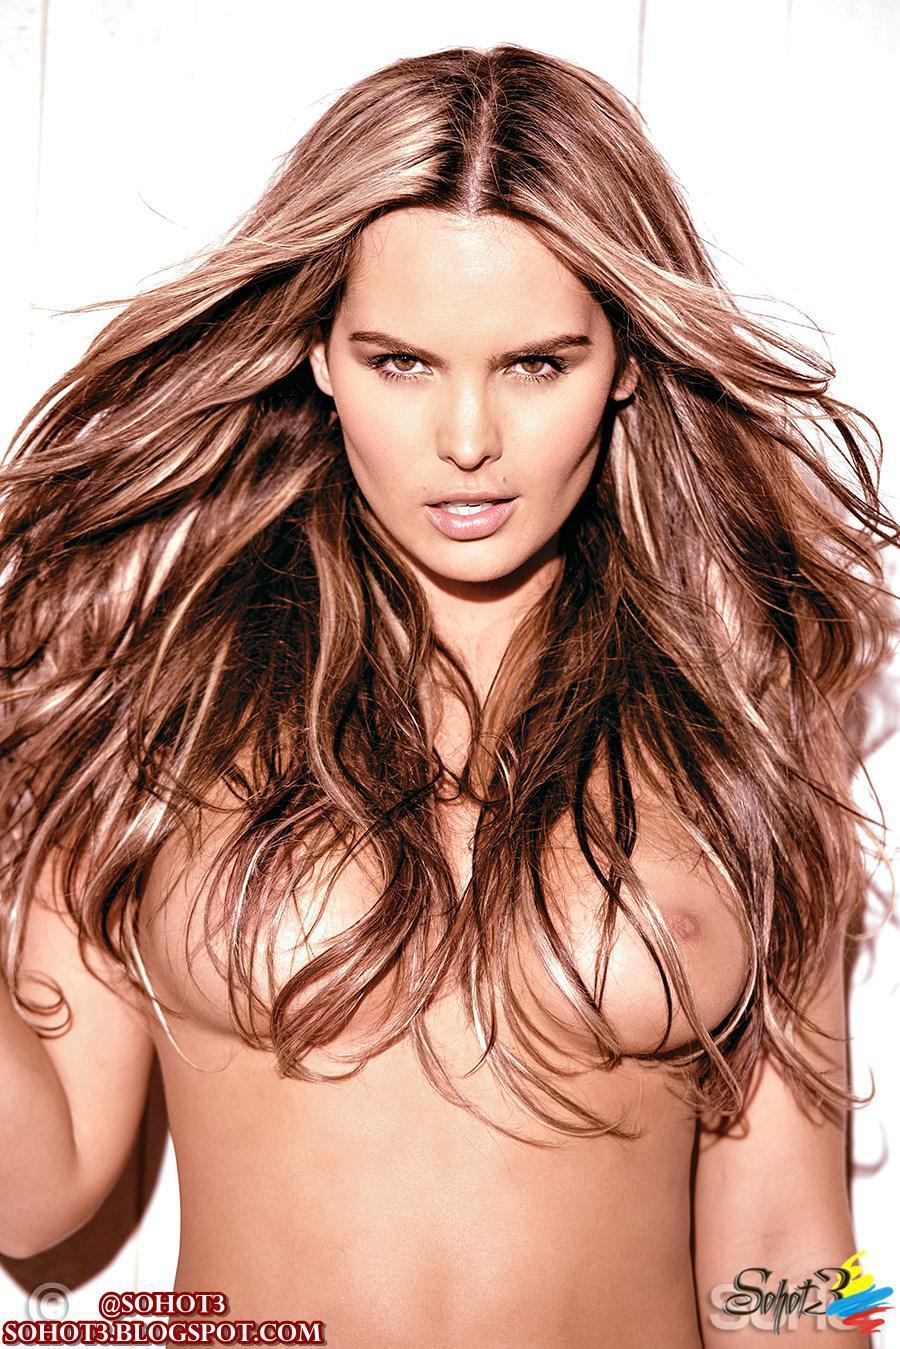 Nacktfotos von Melissa Rauch im Internet - Mediamass